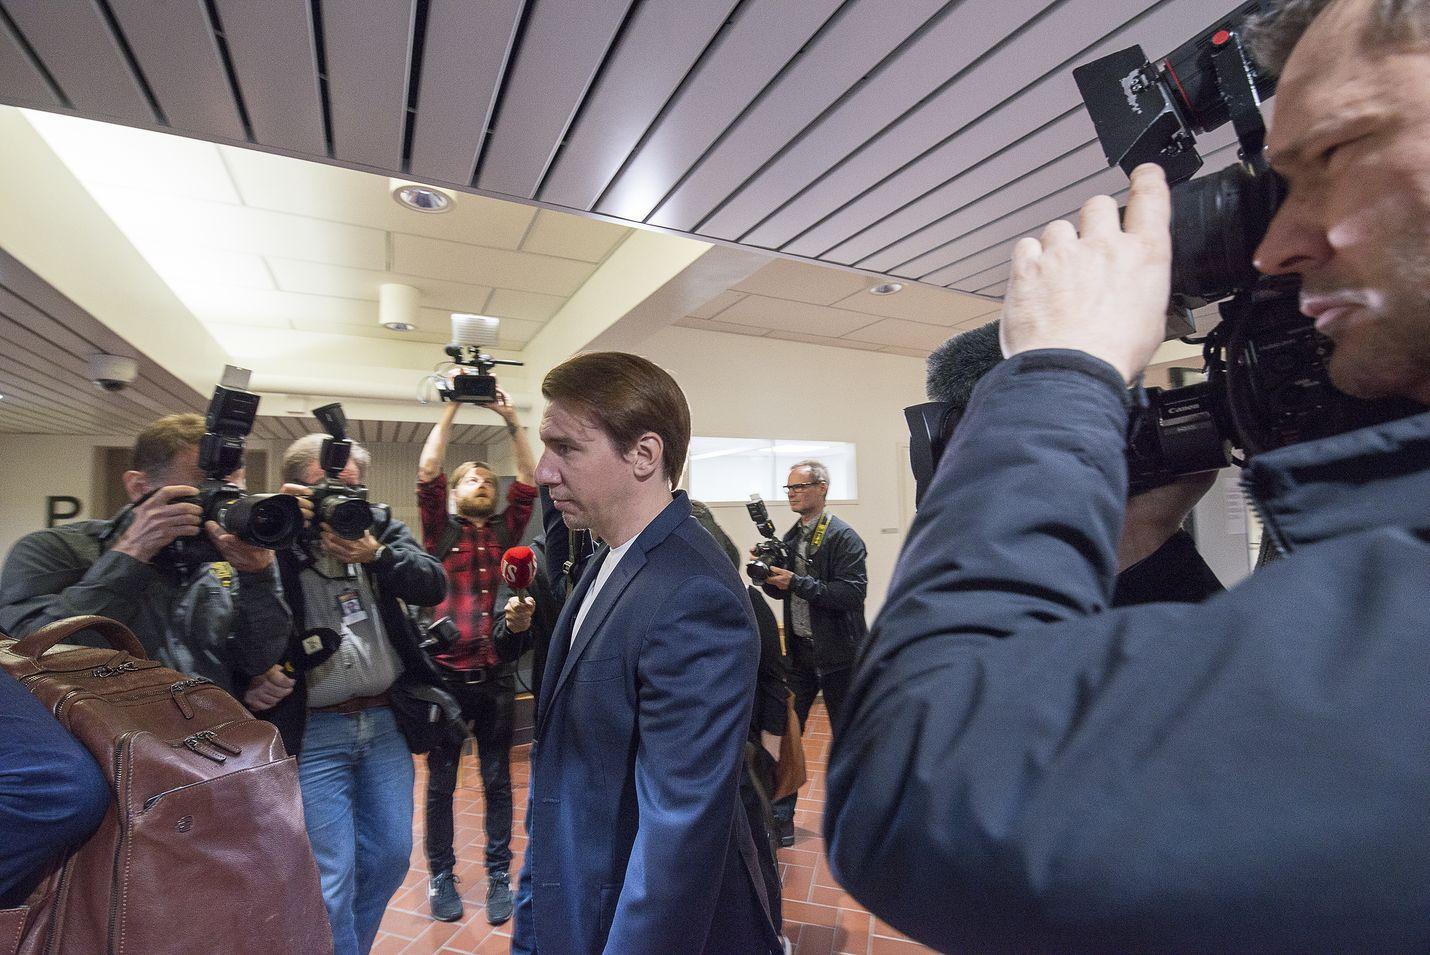 Näyttelijä Aku Hirviniemi saapui Kanta-Hämeen käräjäoikeuteen vaitonaisena perjantaiaamuna. Hirviniemi kiisti syytteet asianajajansa välityksellä oikeudenkäynnin julkisessa osuudessa.